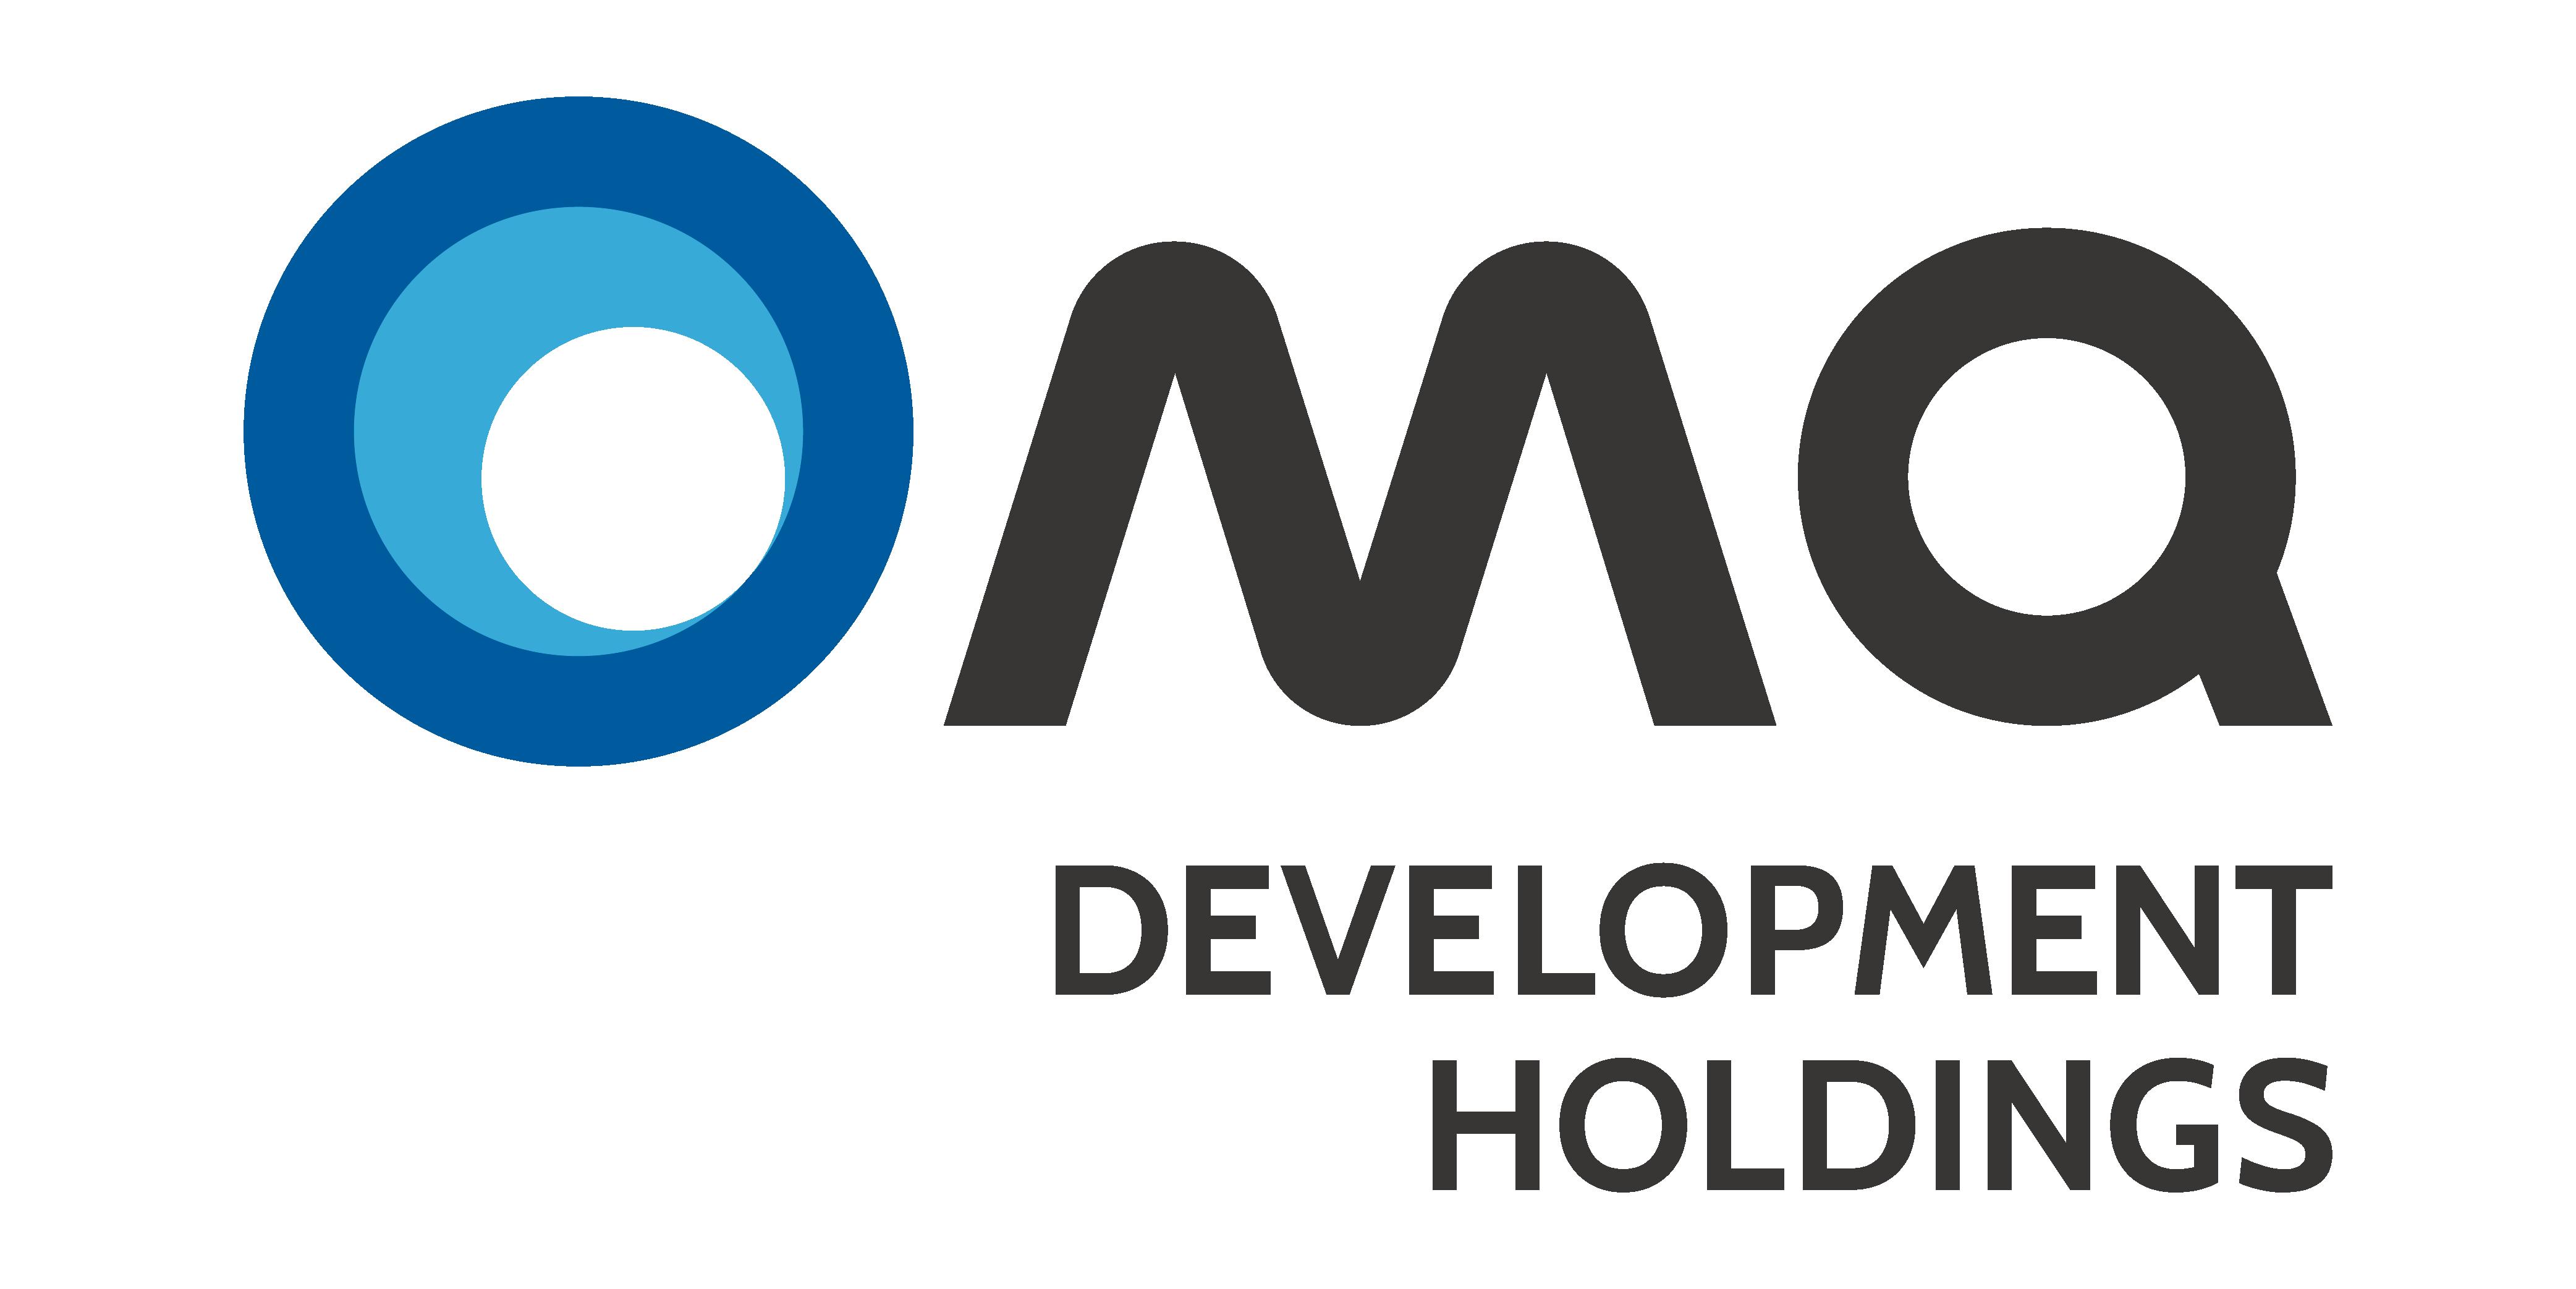 엠큐네트웍스의 계열사 엠큐디벨롭먼트홀딩스(주)의 로고